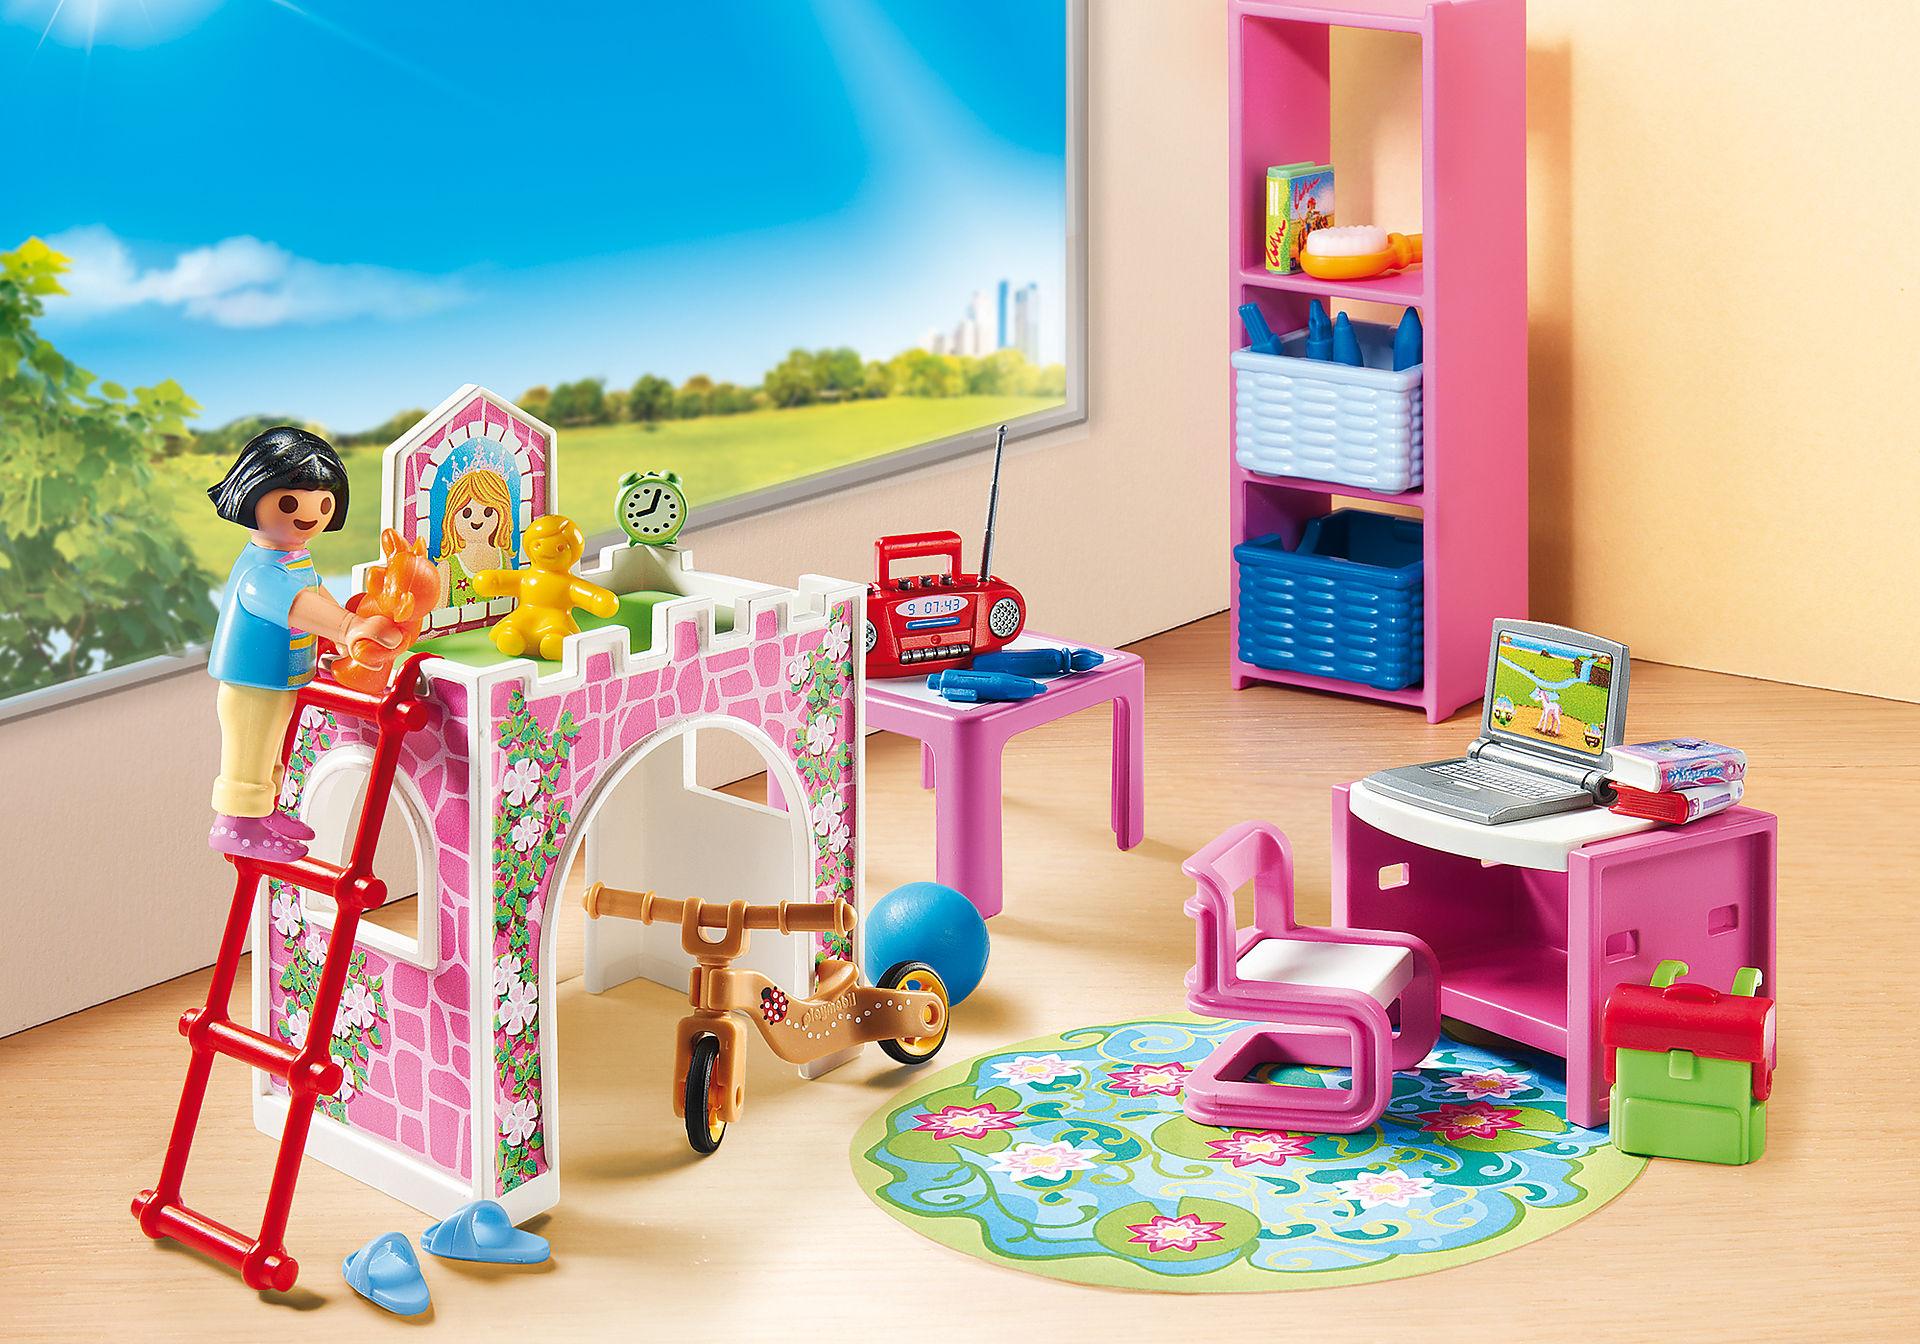 9270 Chambre d'enfant zoom image1